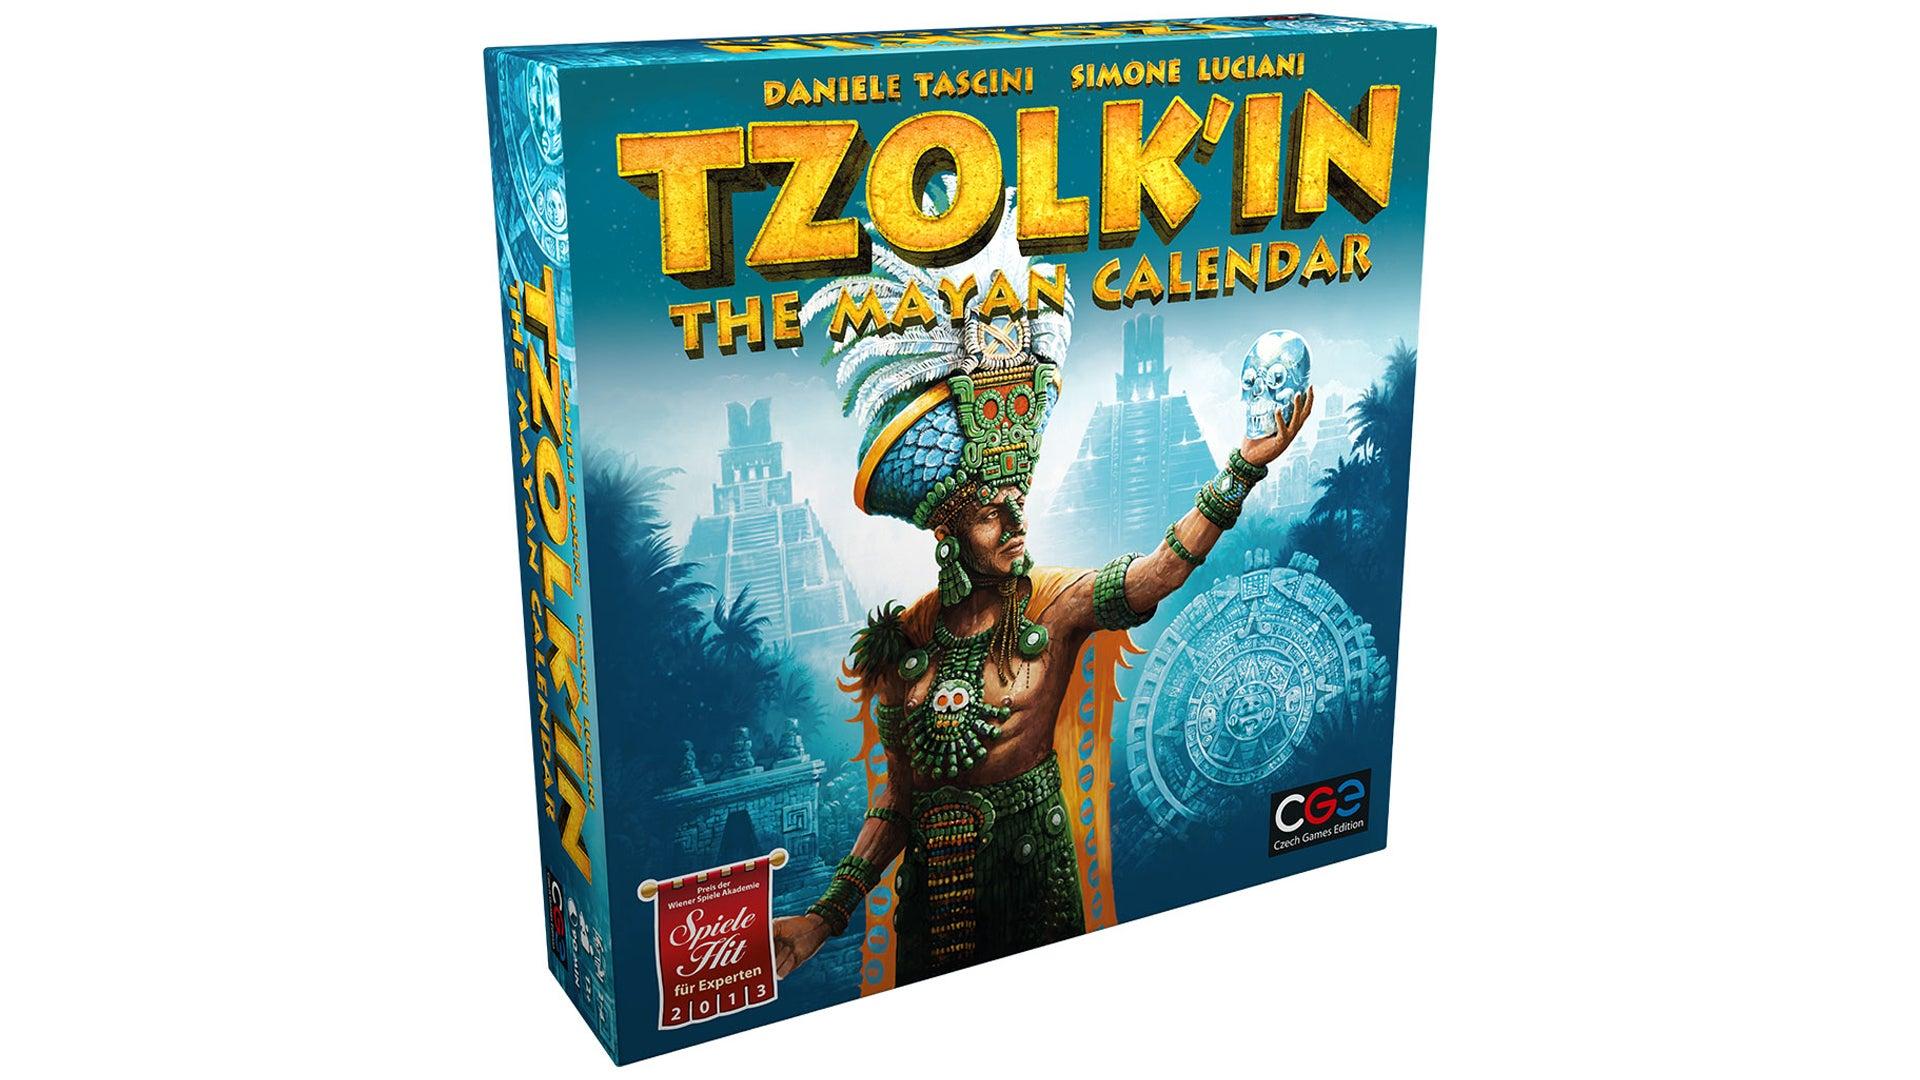 tzolkin-the-mayan-calendar-board-game-box-3d.jpg